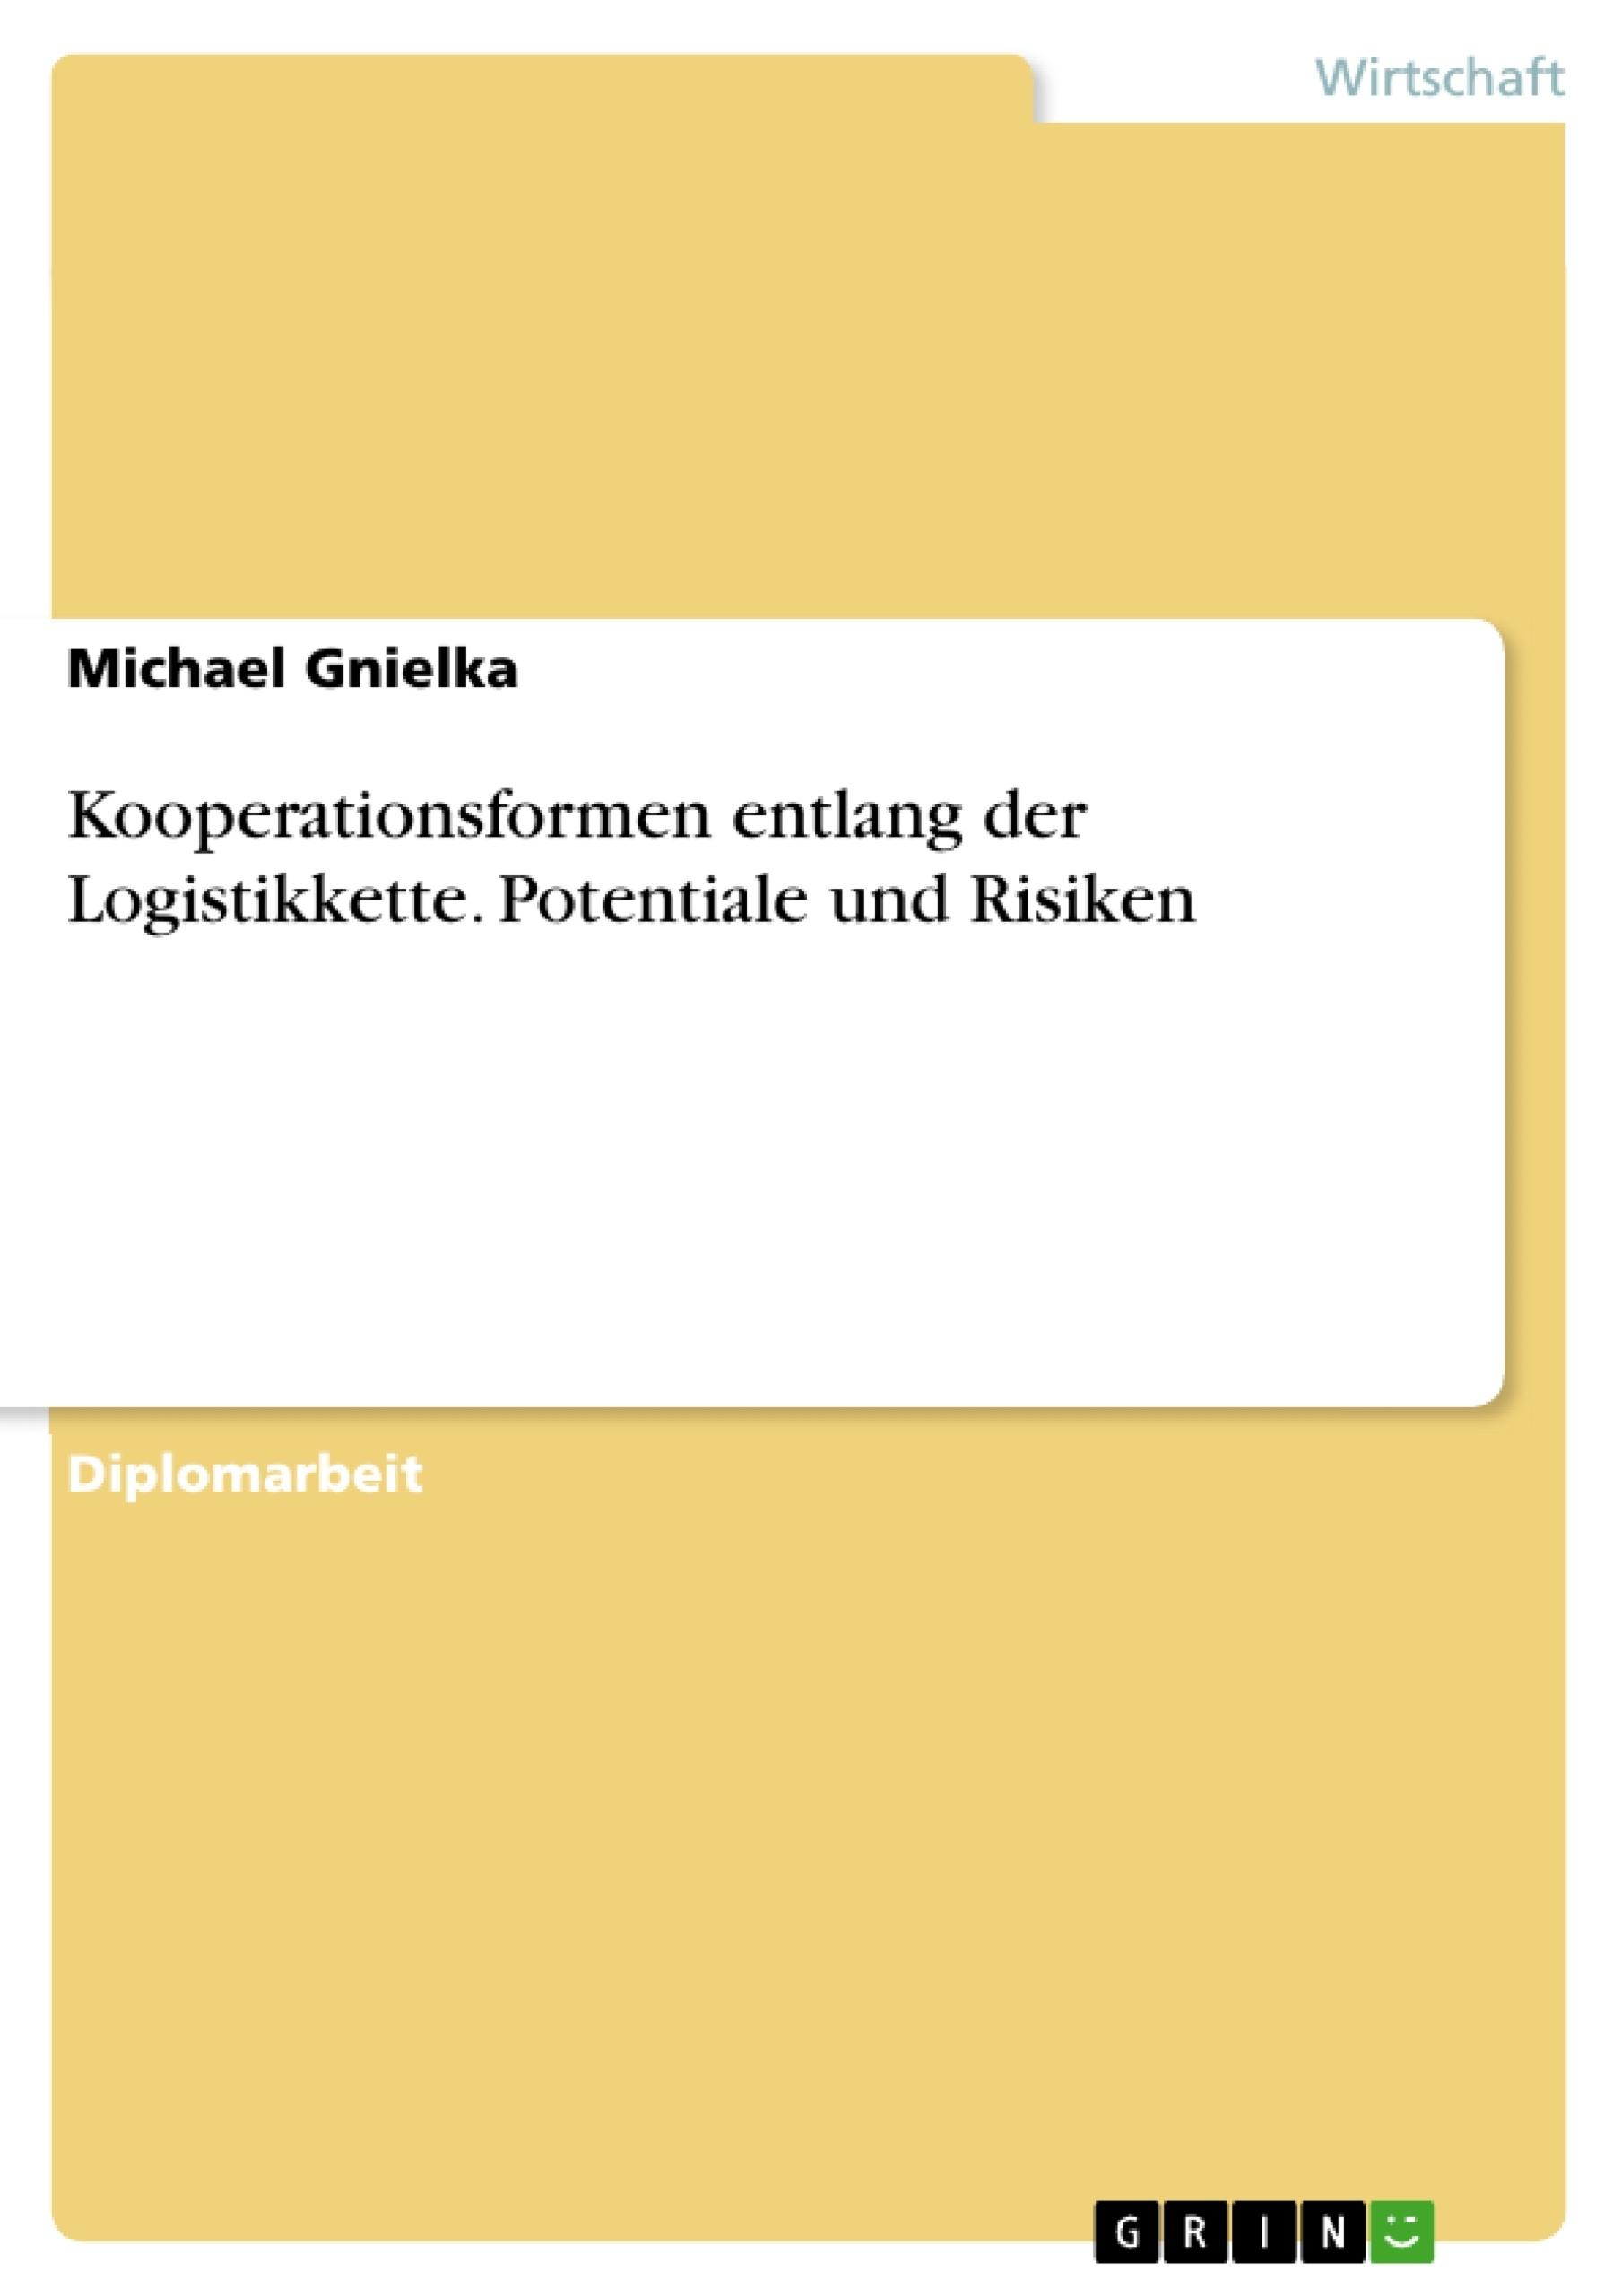 Titel: Kooperationsformen entlang der Logistikkette. Potentiale und Risiken